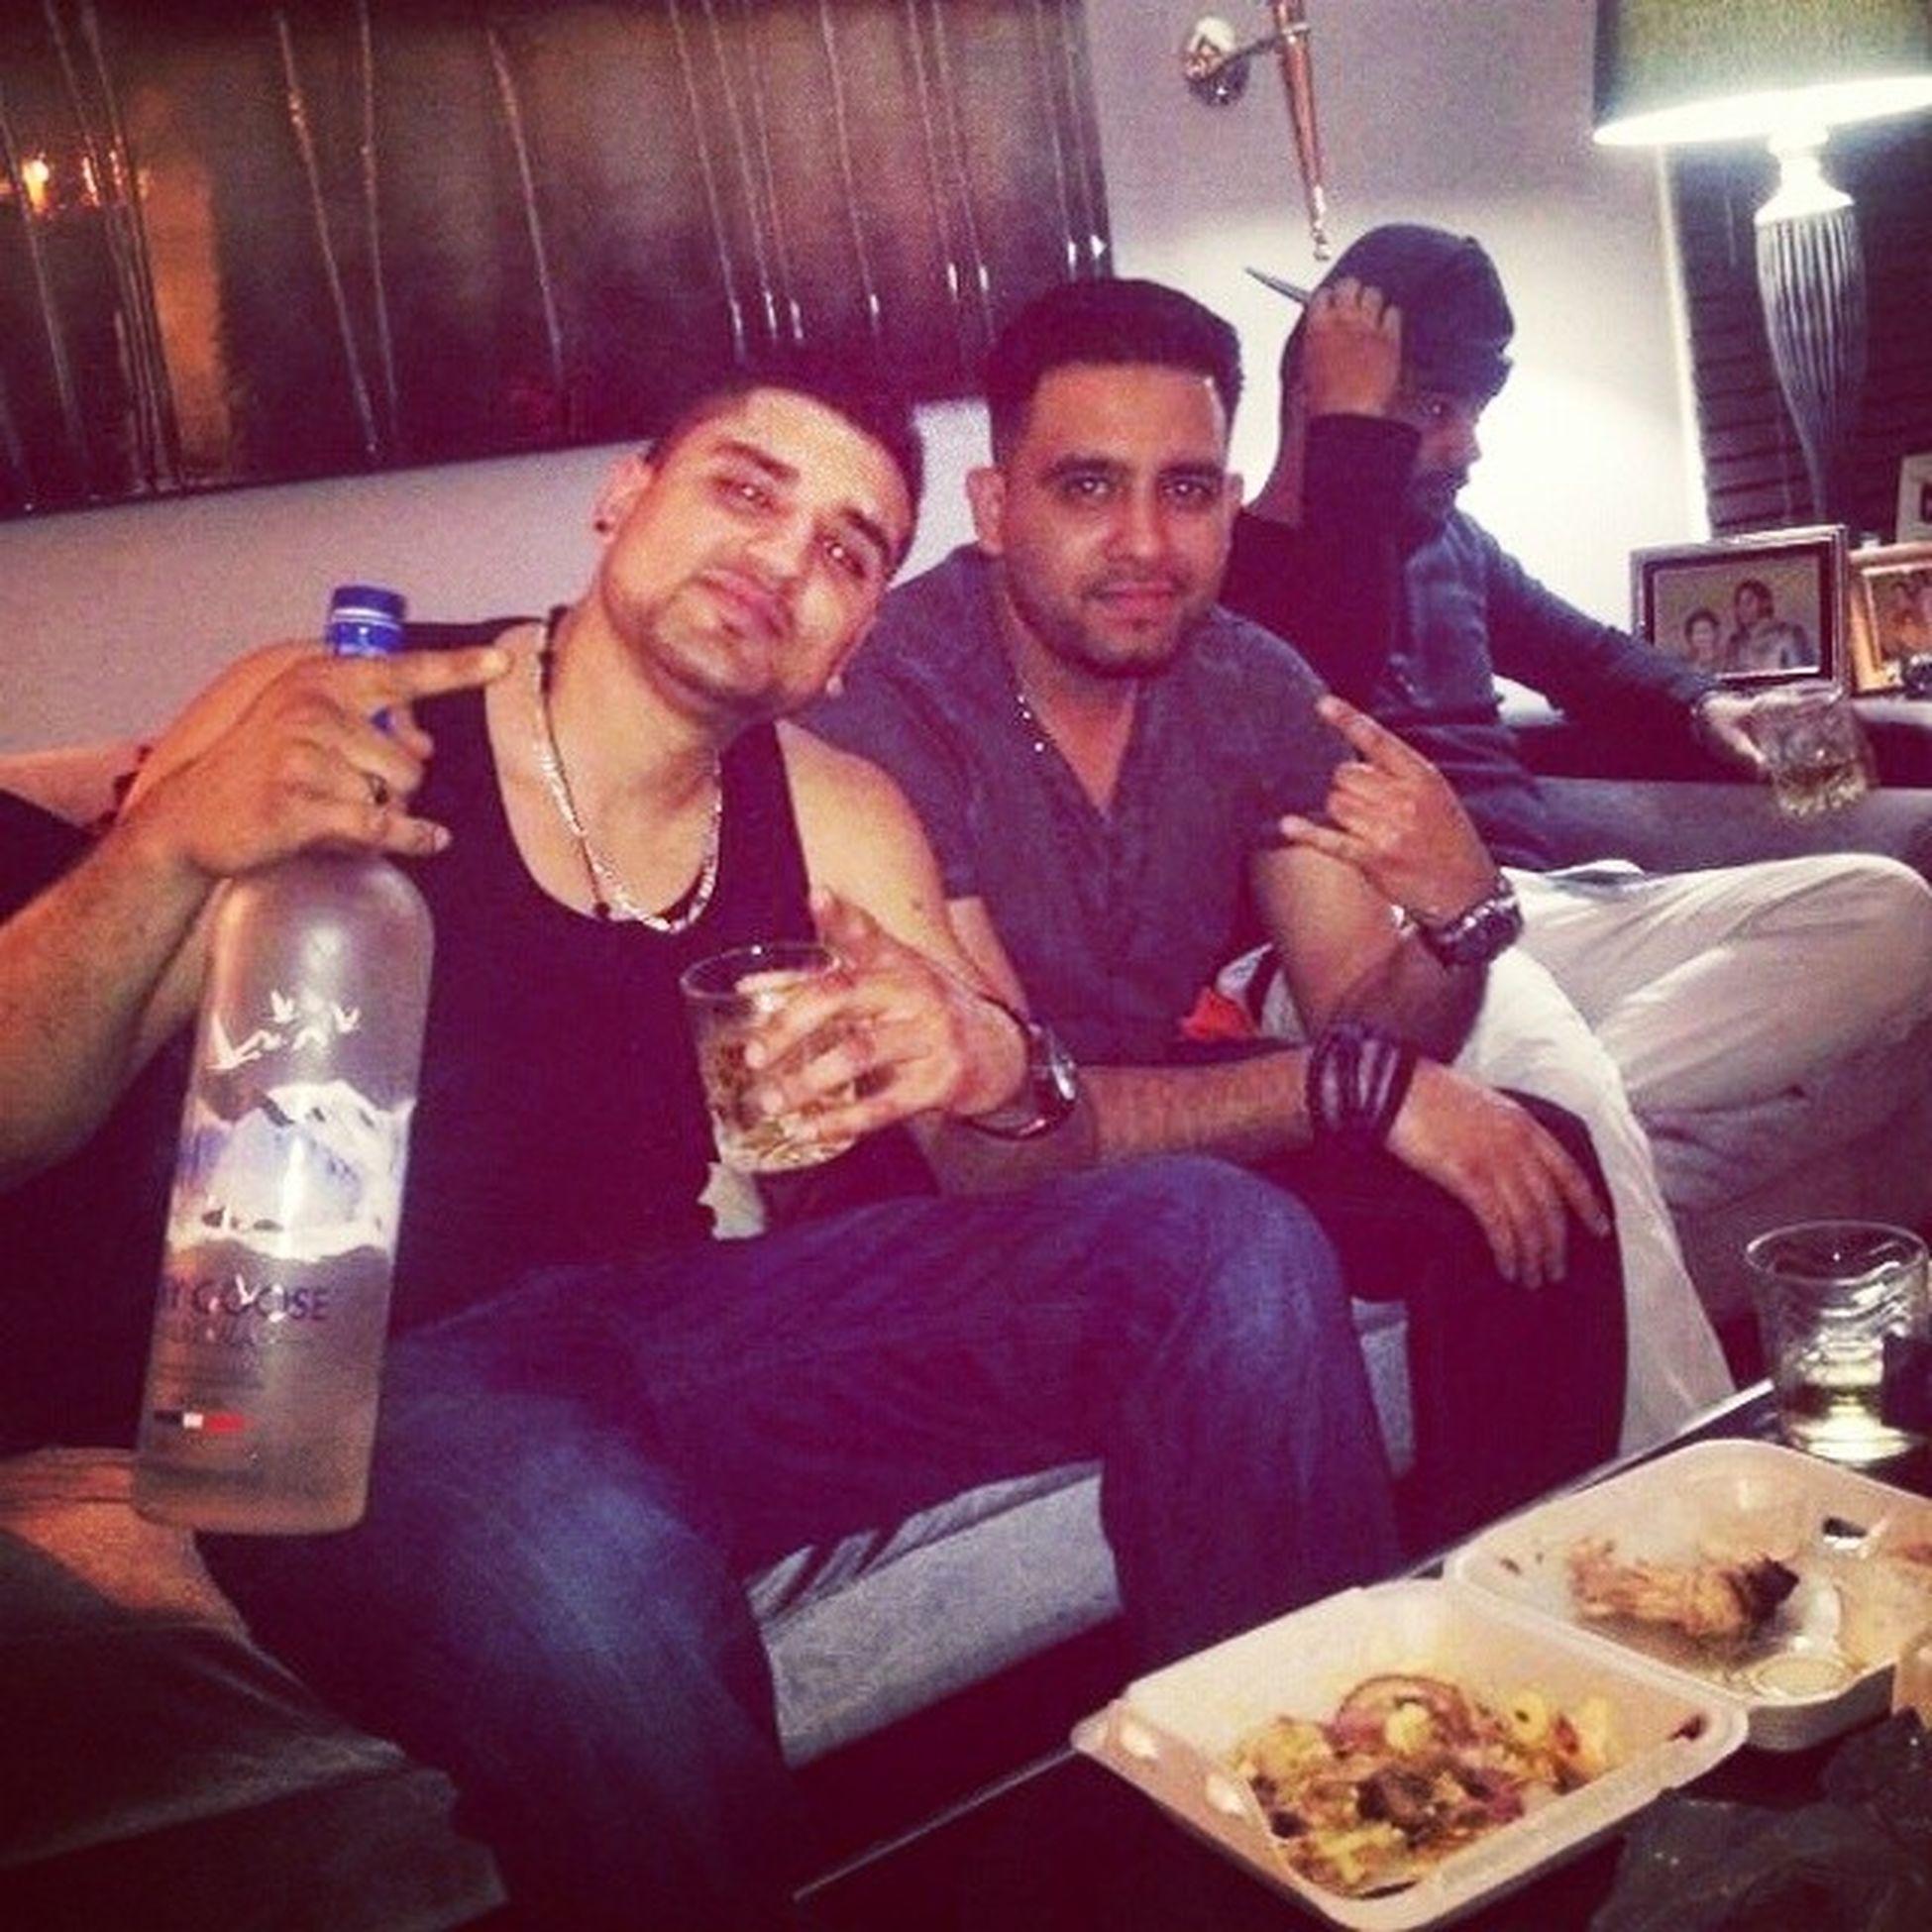 Another drunk nite.....Drunkmissions Greygoose Bros Love .... @garysandhu1991 @ferozepauleyy @adipaul111